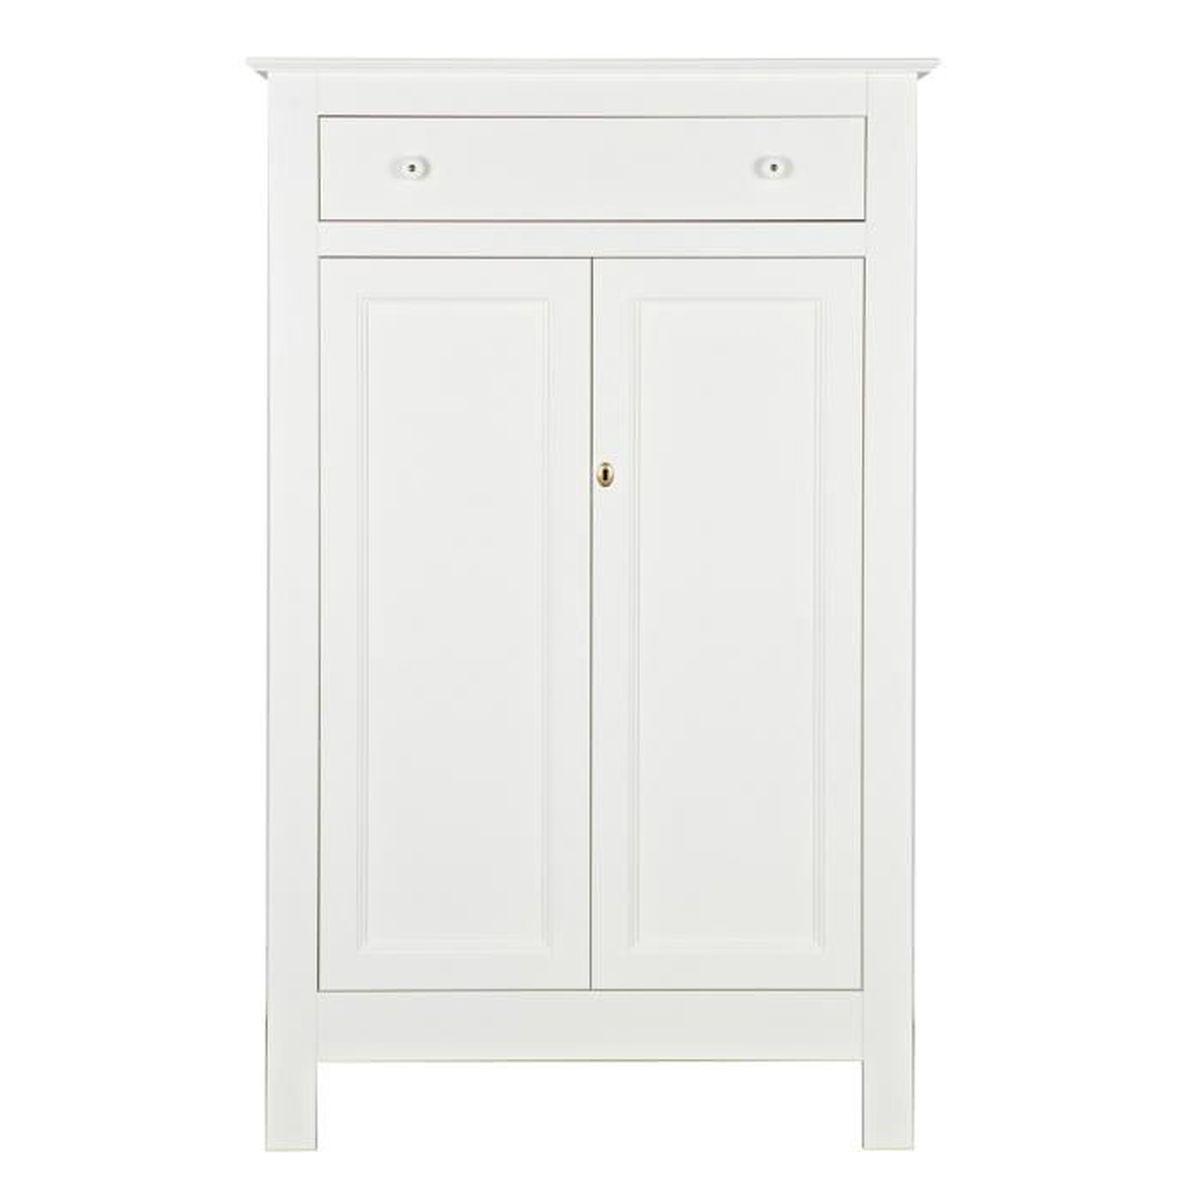 armoire enfant avec 2 portes, en pin massif finition blanc - dim : h